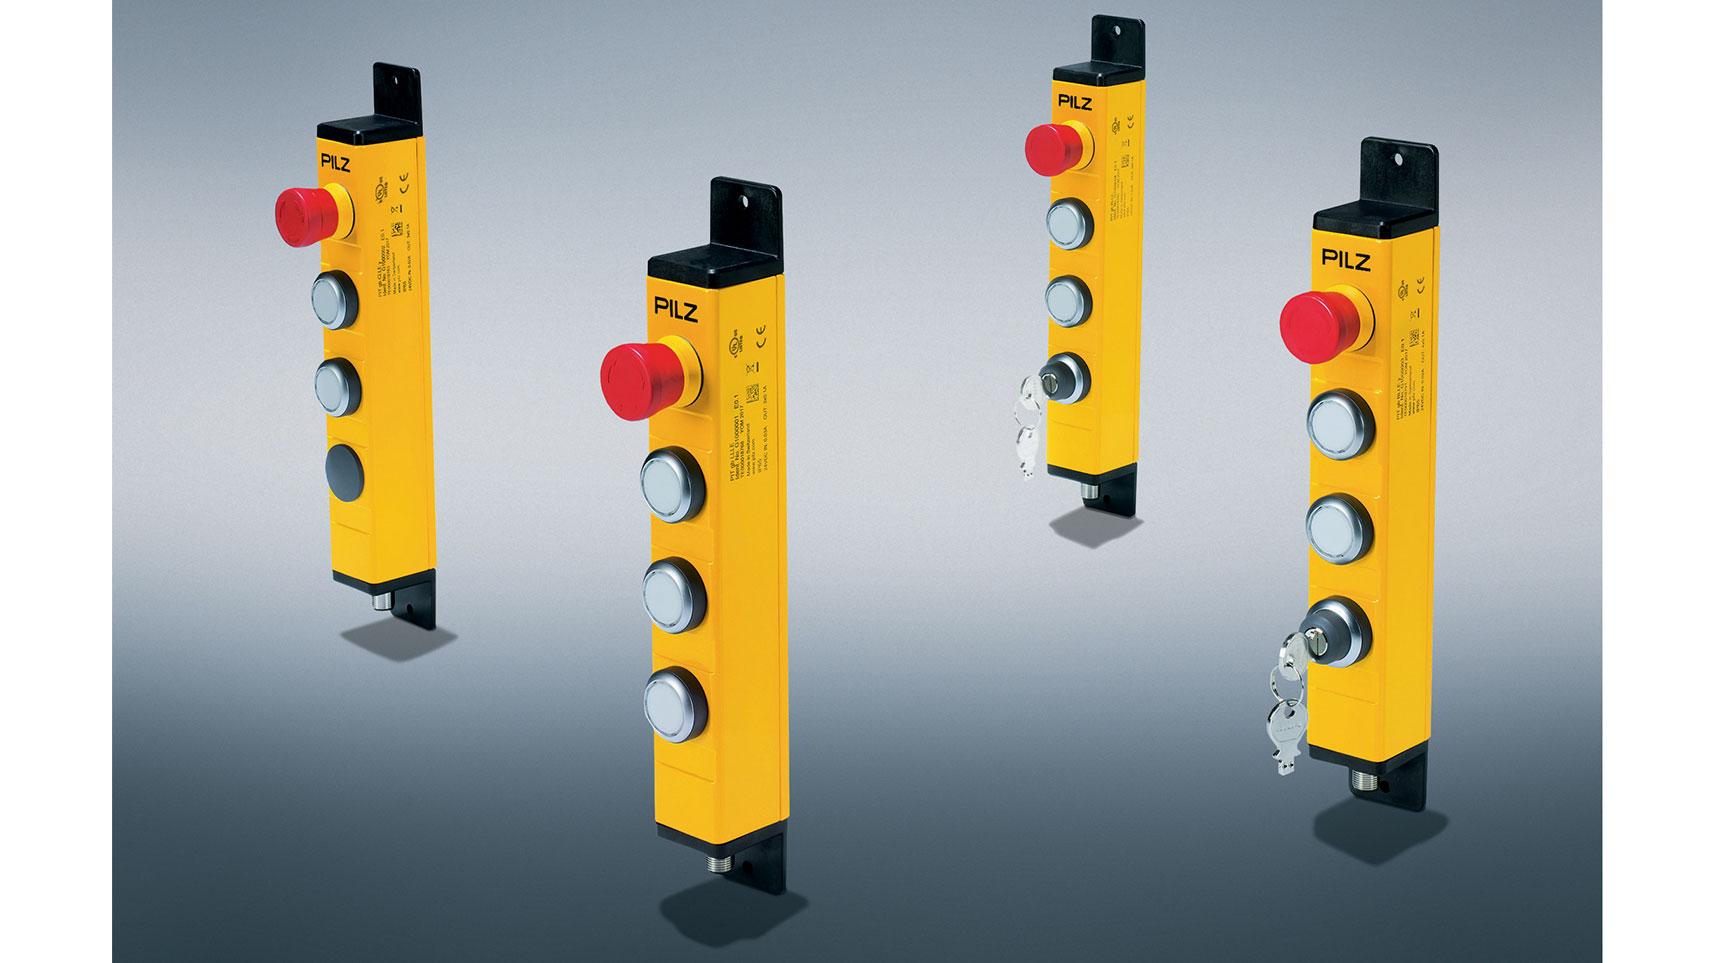 Unità pulsanti PITgatebox <br< Semplicità di utilizzo del sistema per ripari mobili